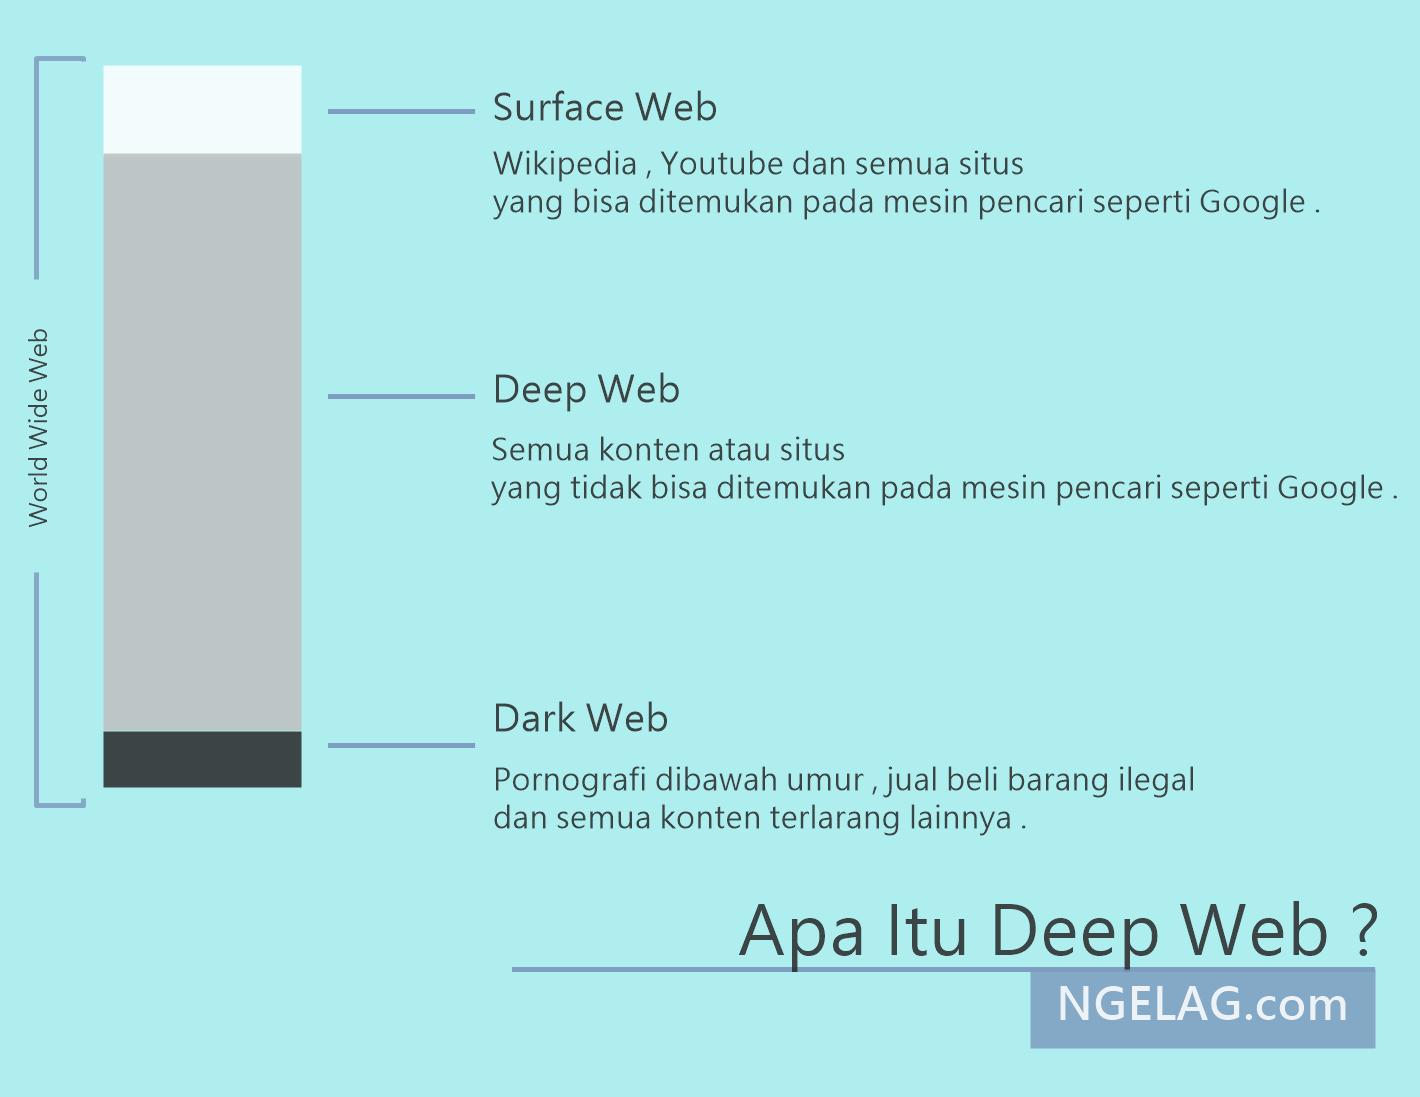 Apa Itu Deep Web ?